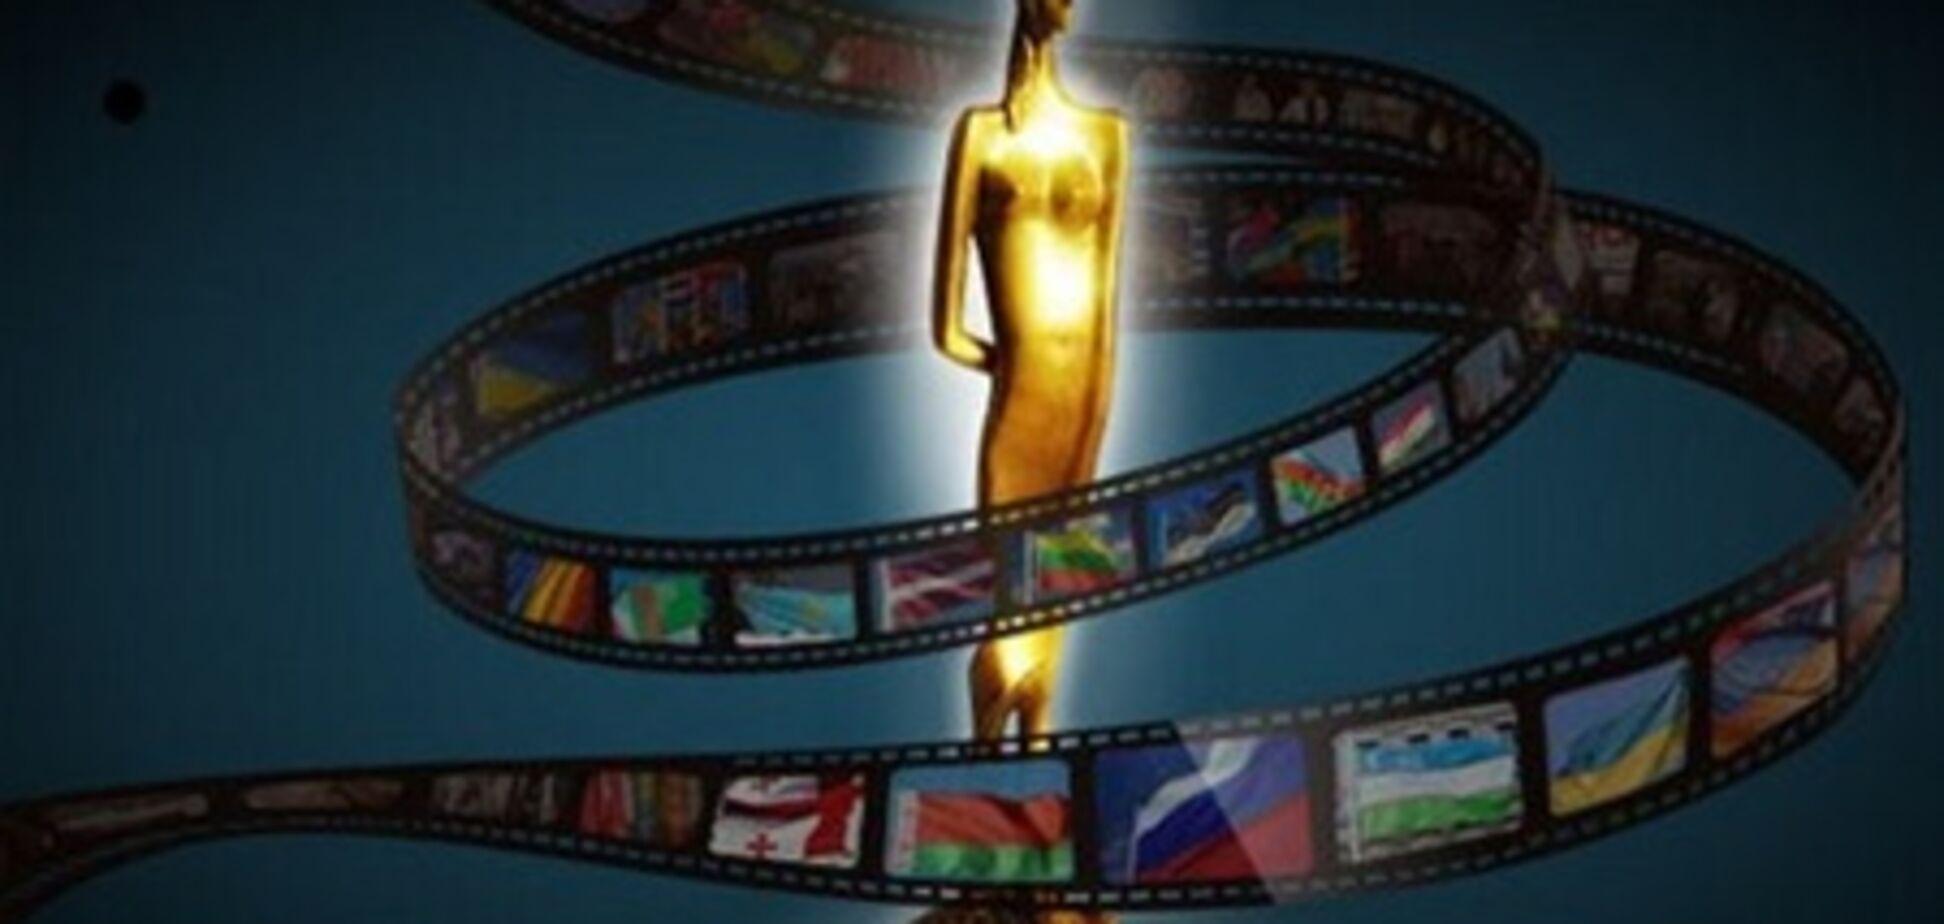 Два украинских фильма стали лауреатами фестиваля 'Киношок' в РФ